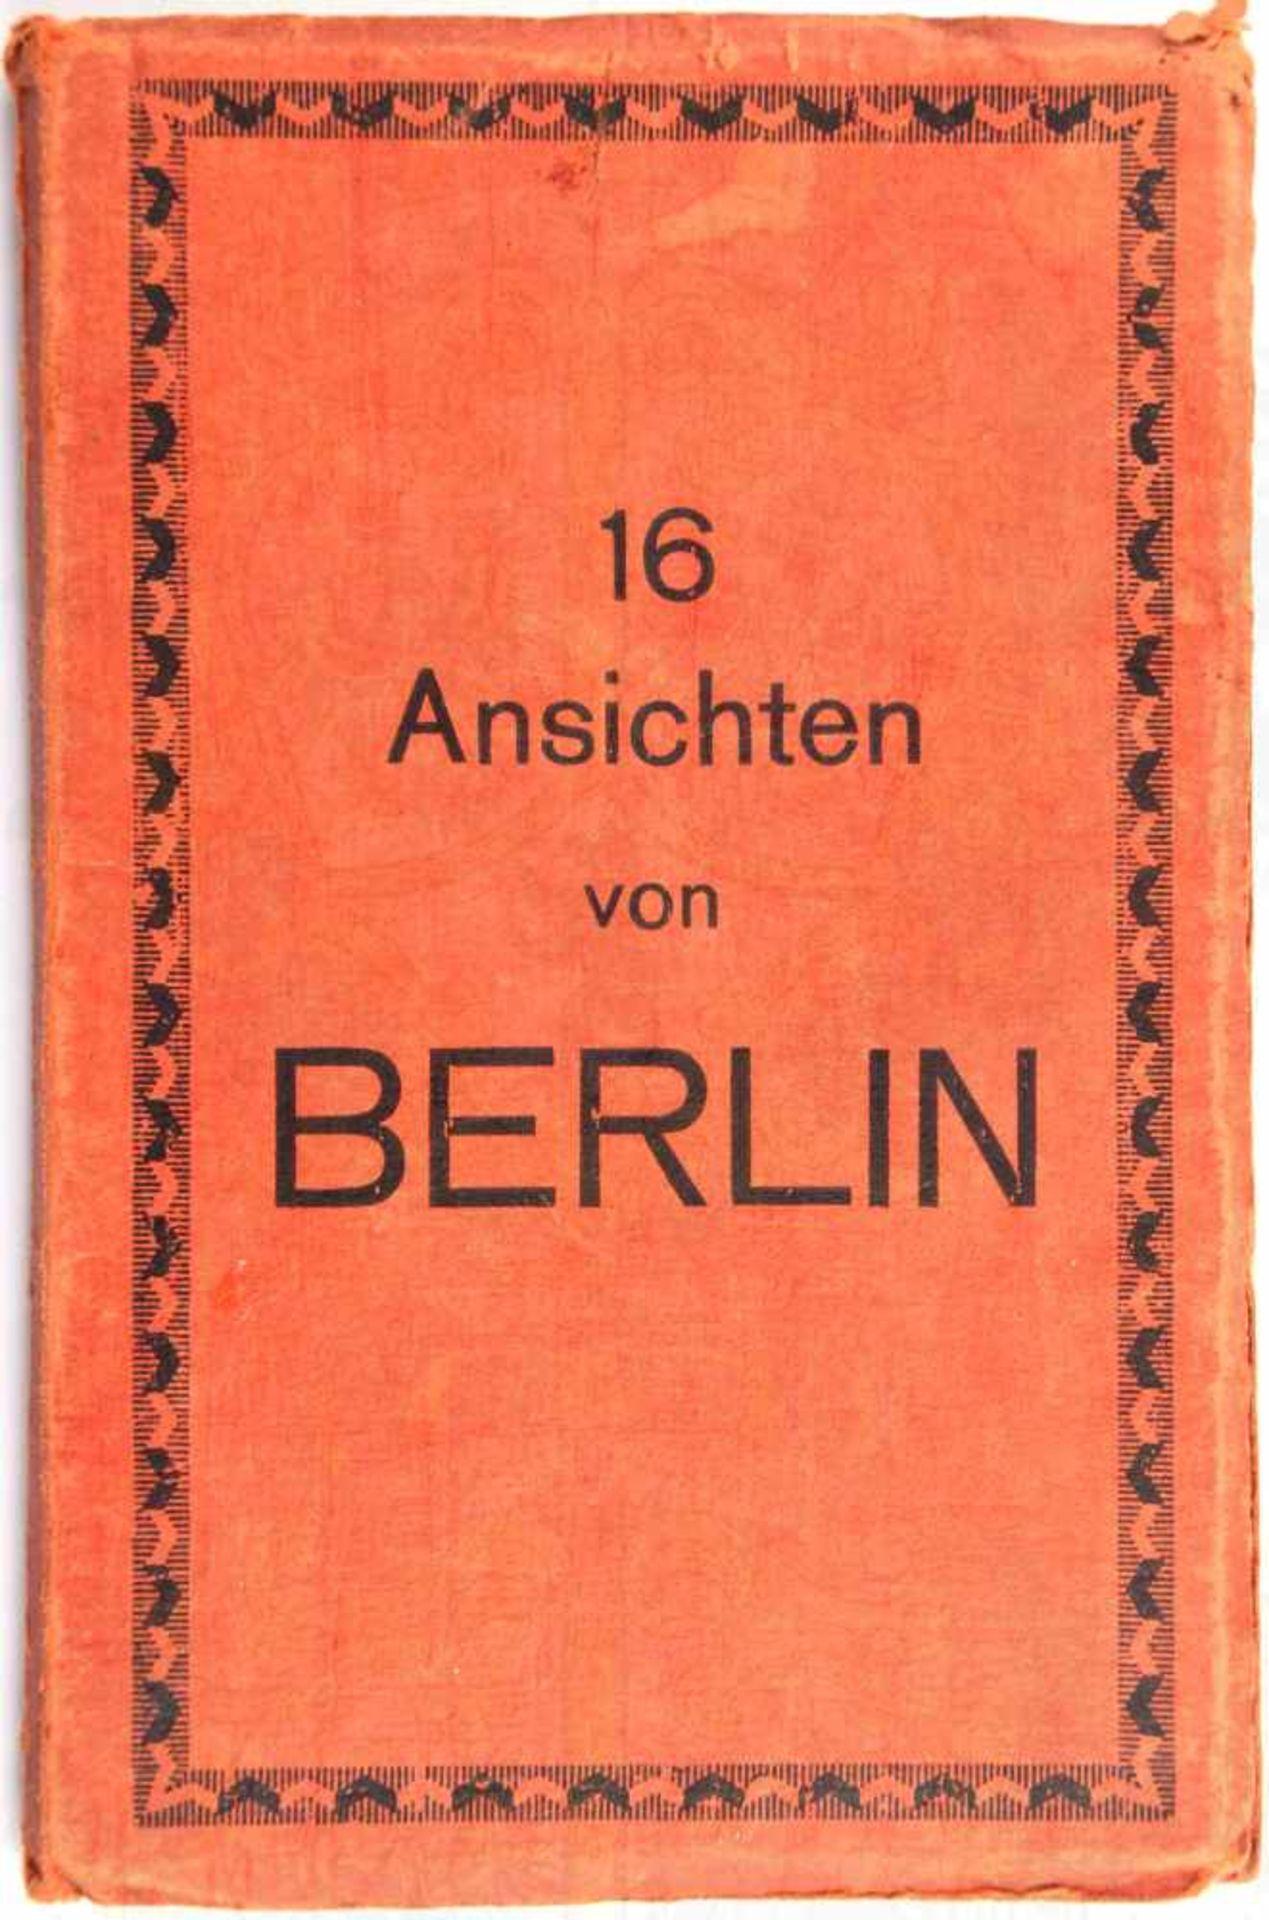 LEPORELLO BERLIN, 16 Lichtdruck-AK, um 1930, Reichskanzlei, Reichswehr vor dem Ehrenmal,